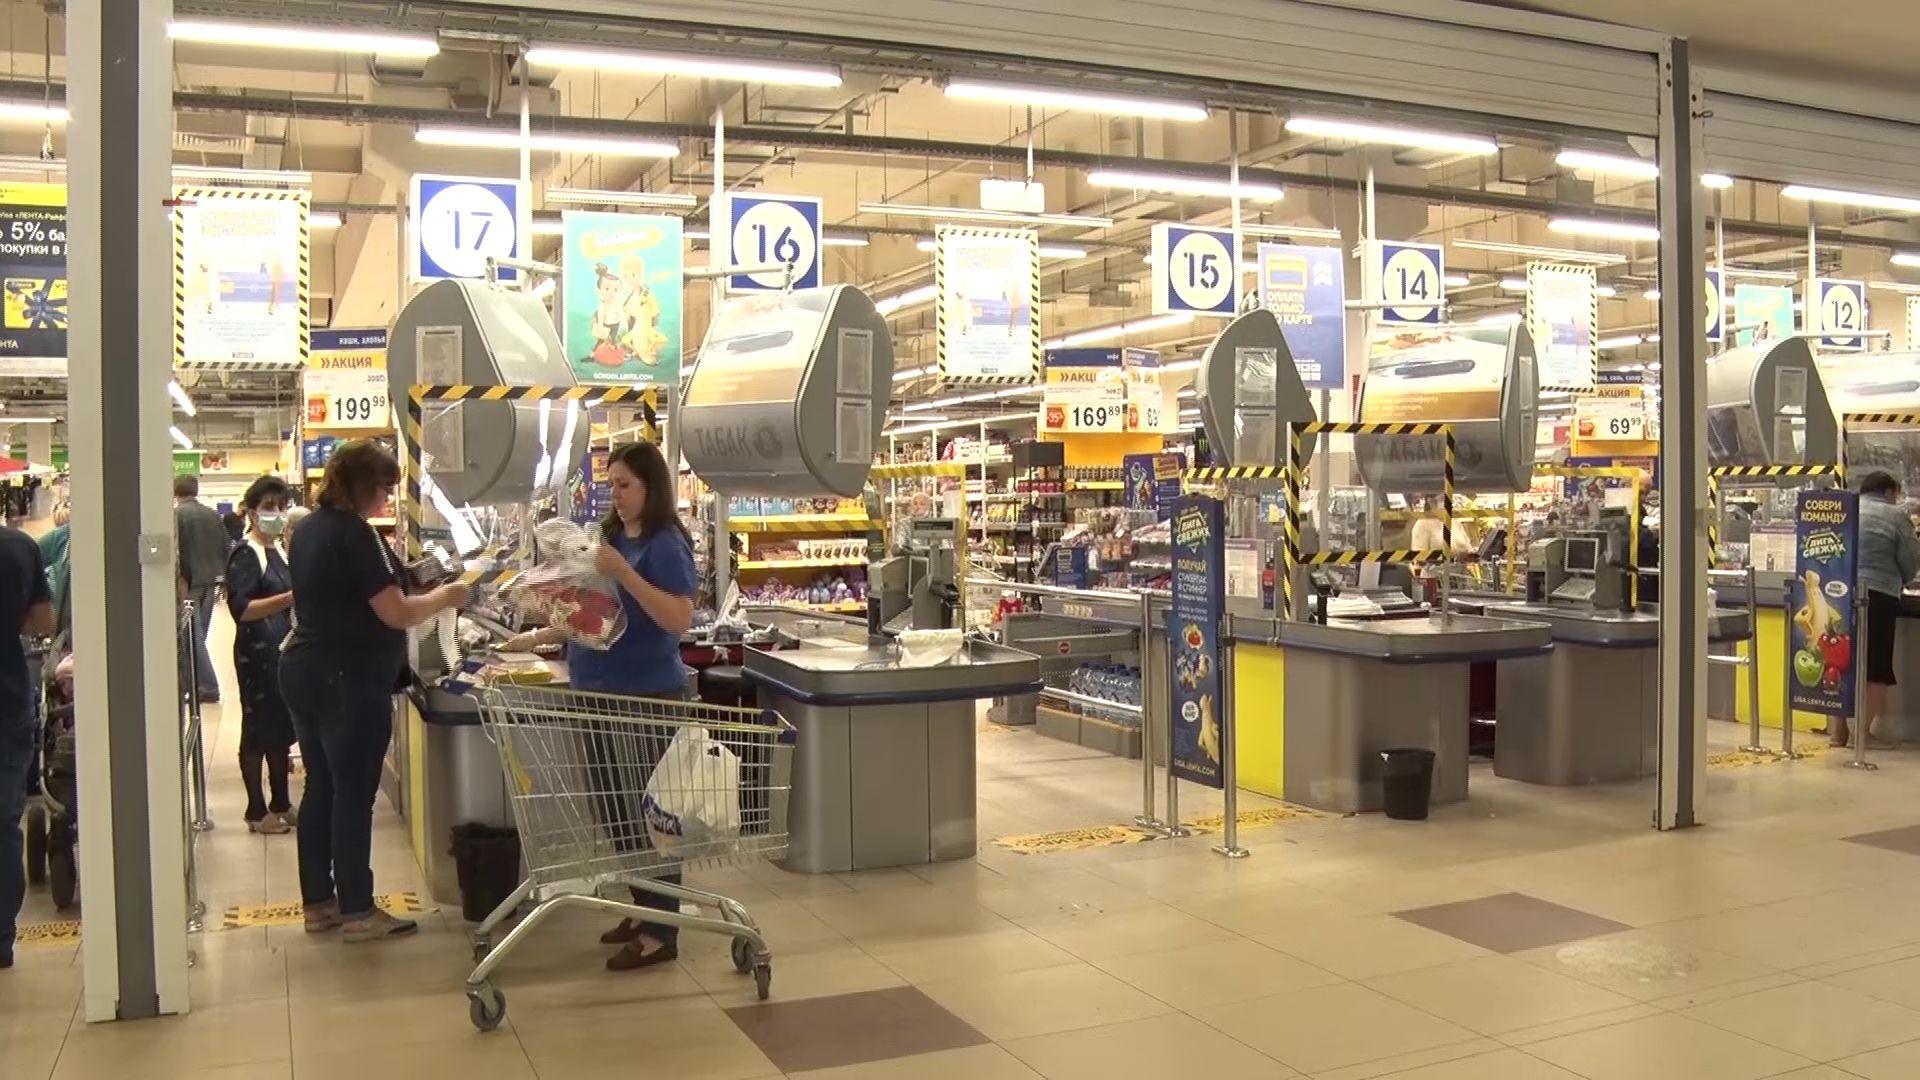 Роспотребнадзор проверил ярославские продуктовые магазины на соблюдение норм безопасности